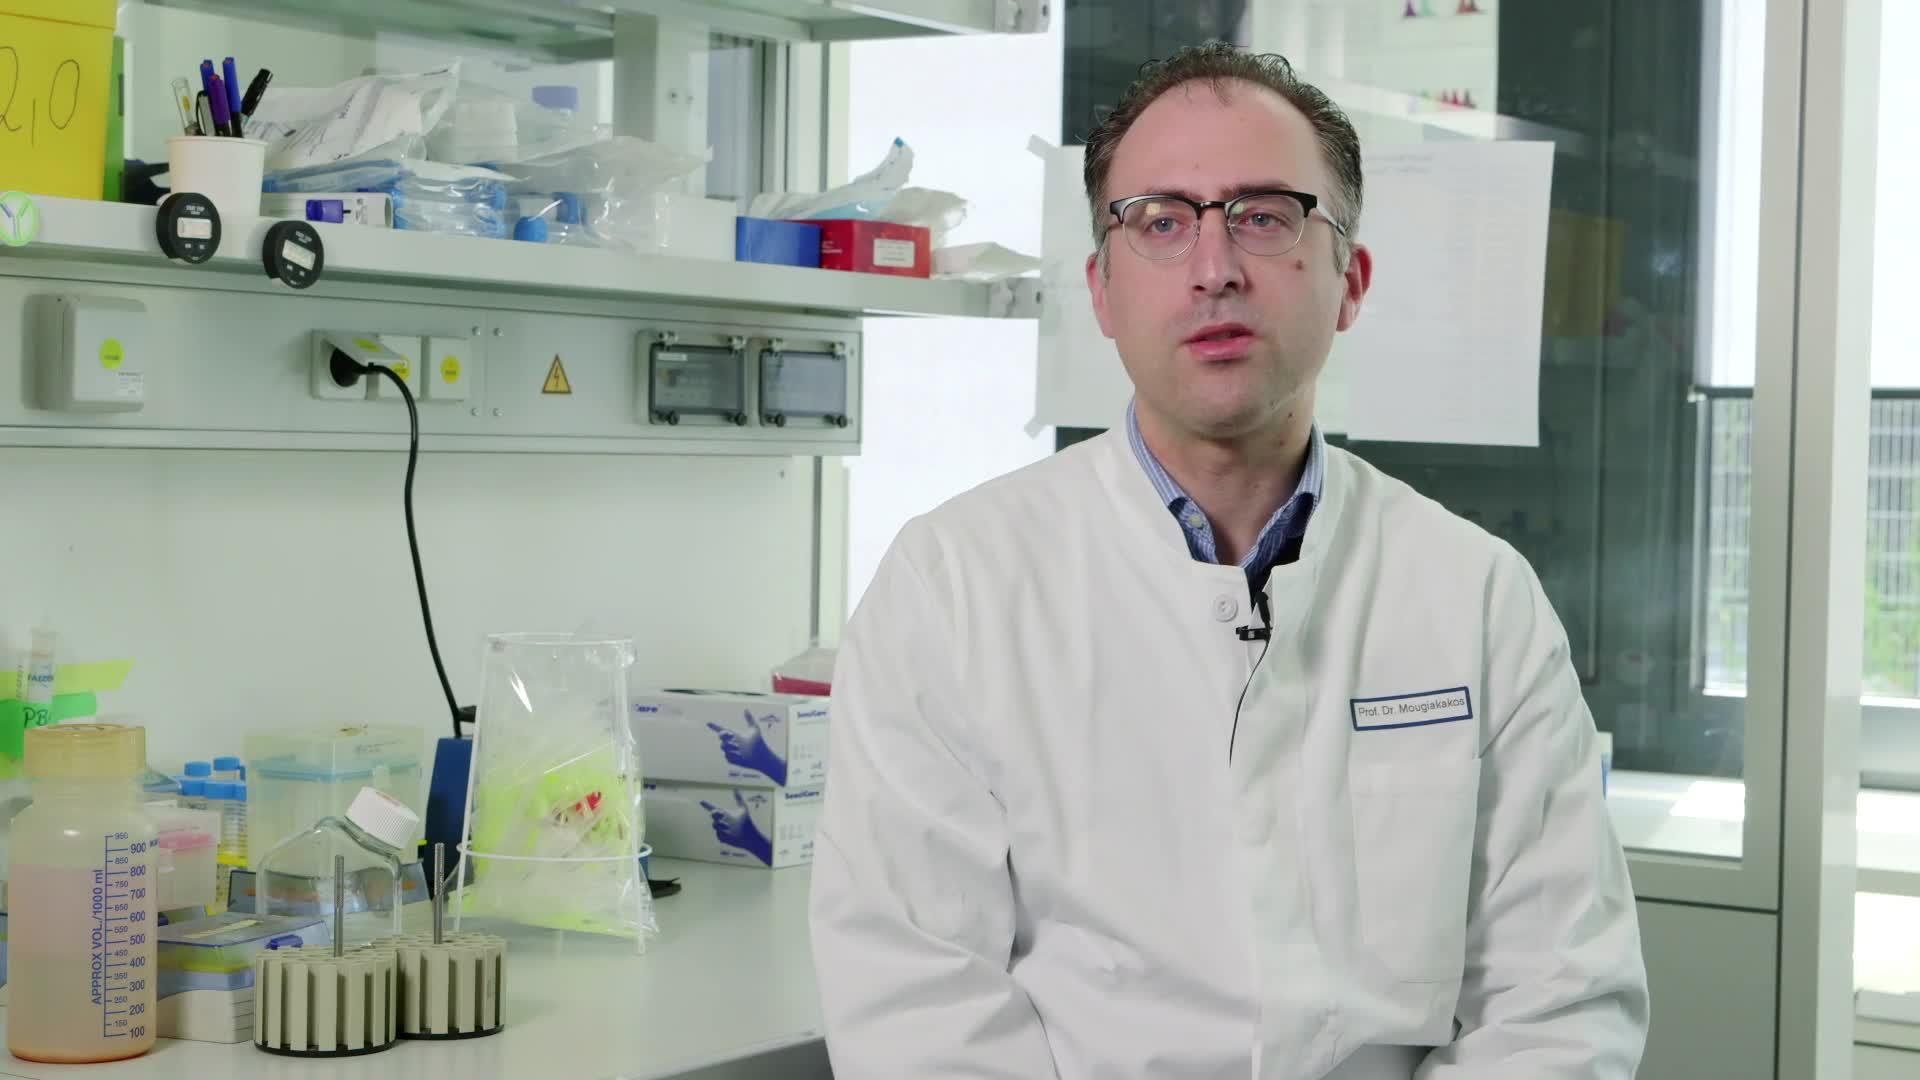 Prof. Dr. Dimitrios Mougiakakos - Schwachpunkte entdecken, um den Tumor zielgerichtet anzugreifen preview image